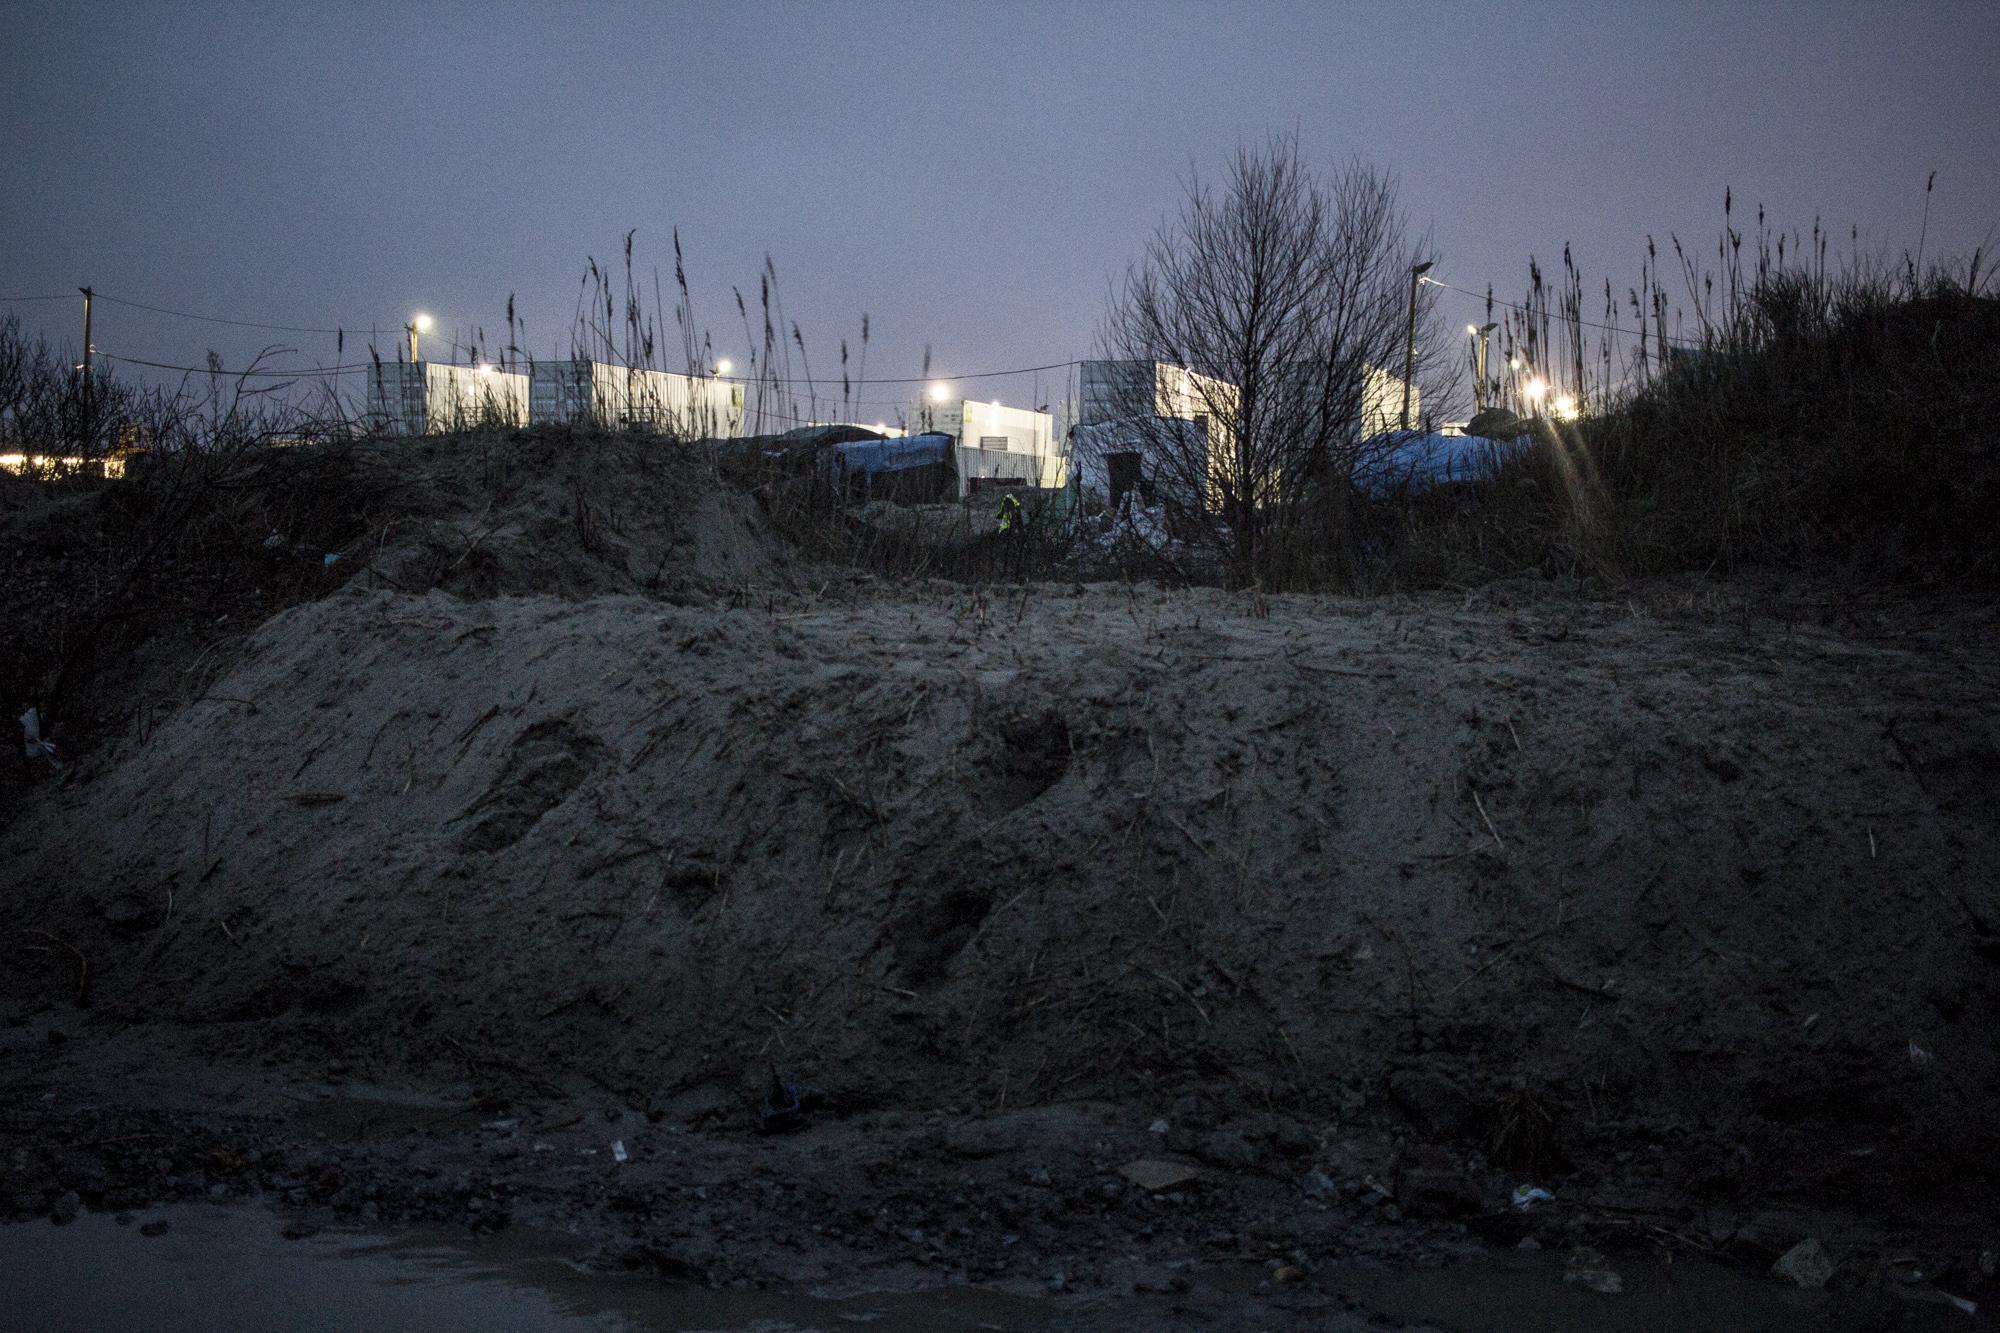 Calais #3 19 al 21/2/2016. Relevés habités, Jude Law in the jungle, Fouzi, Amir, Camping los palominos. Warehouse